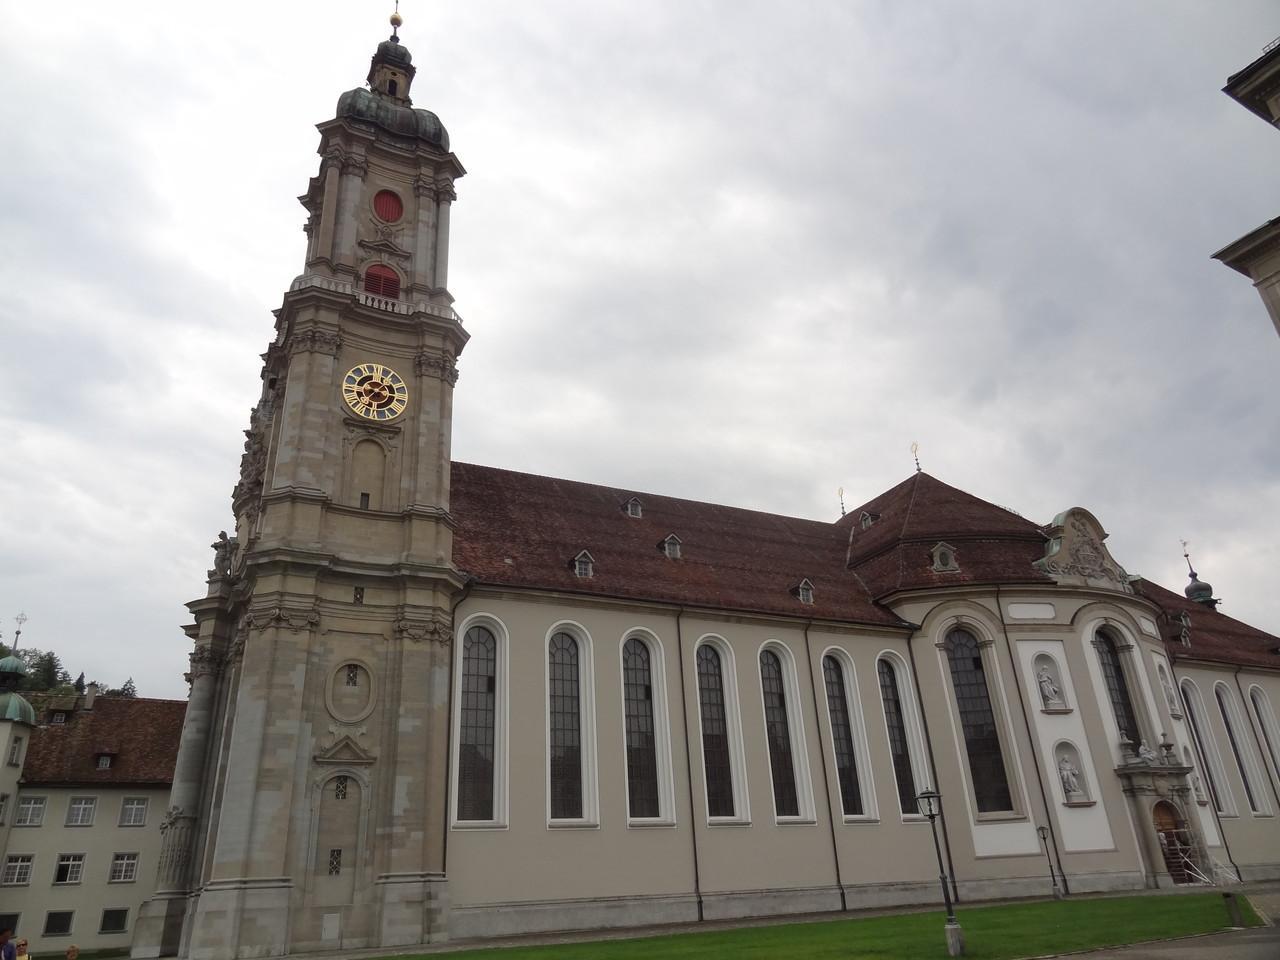 Hinfahrt via St. Gallen DIe Stiftskirche